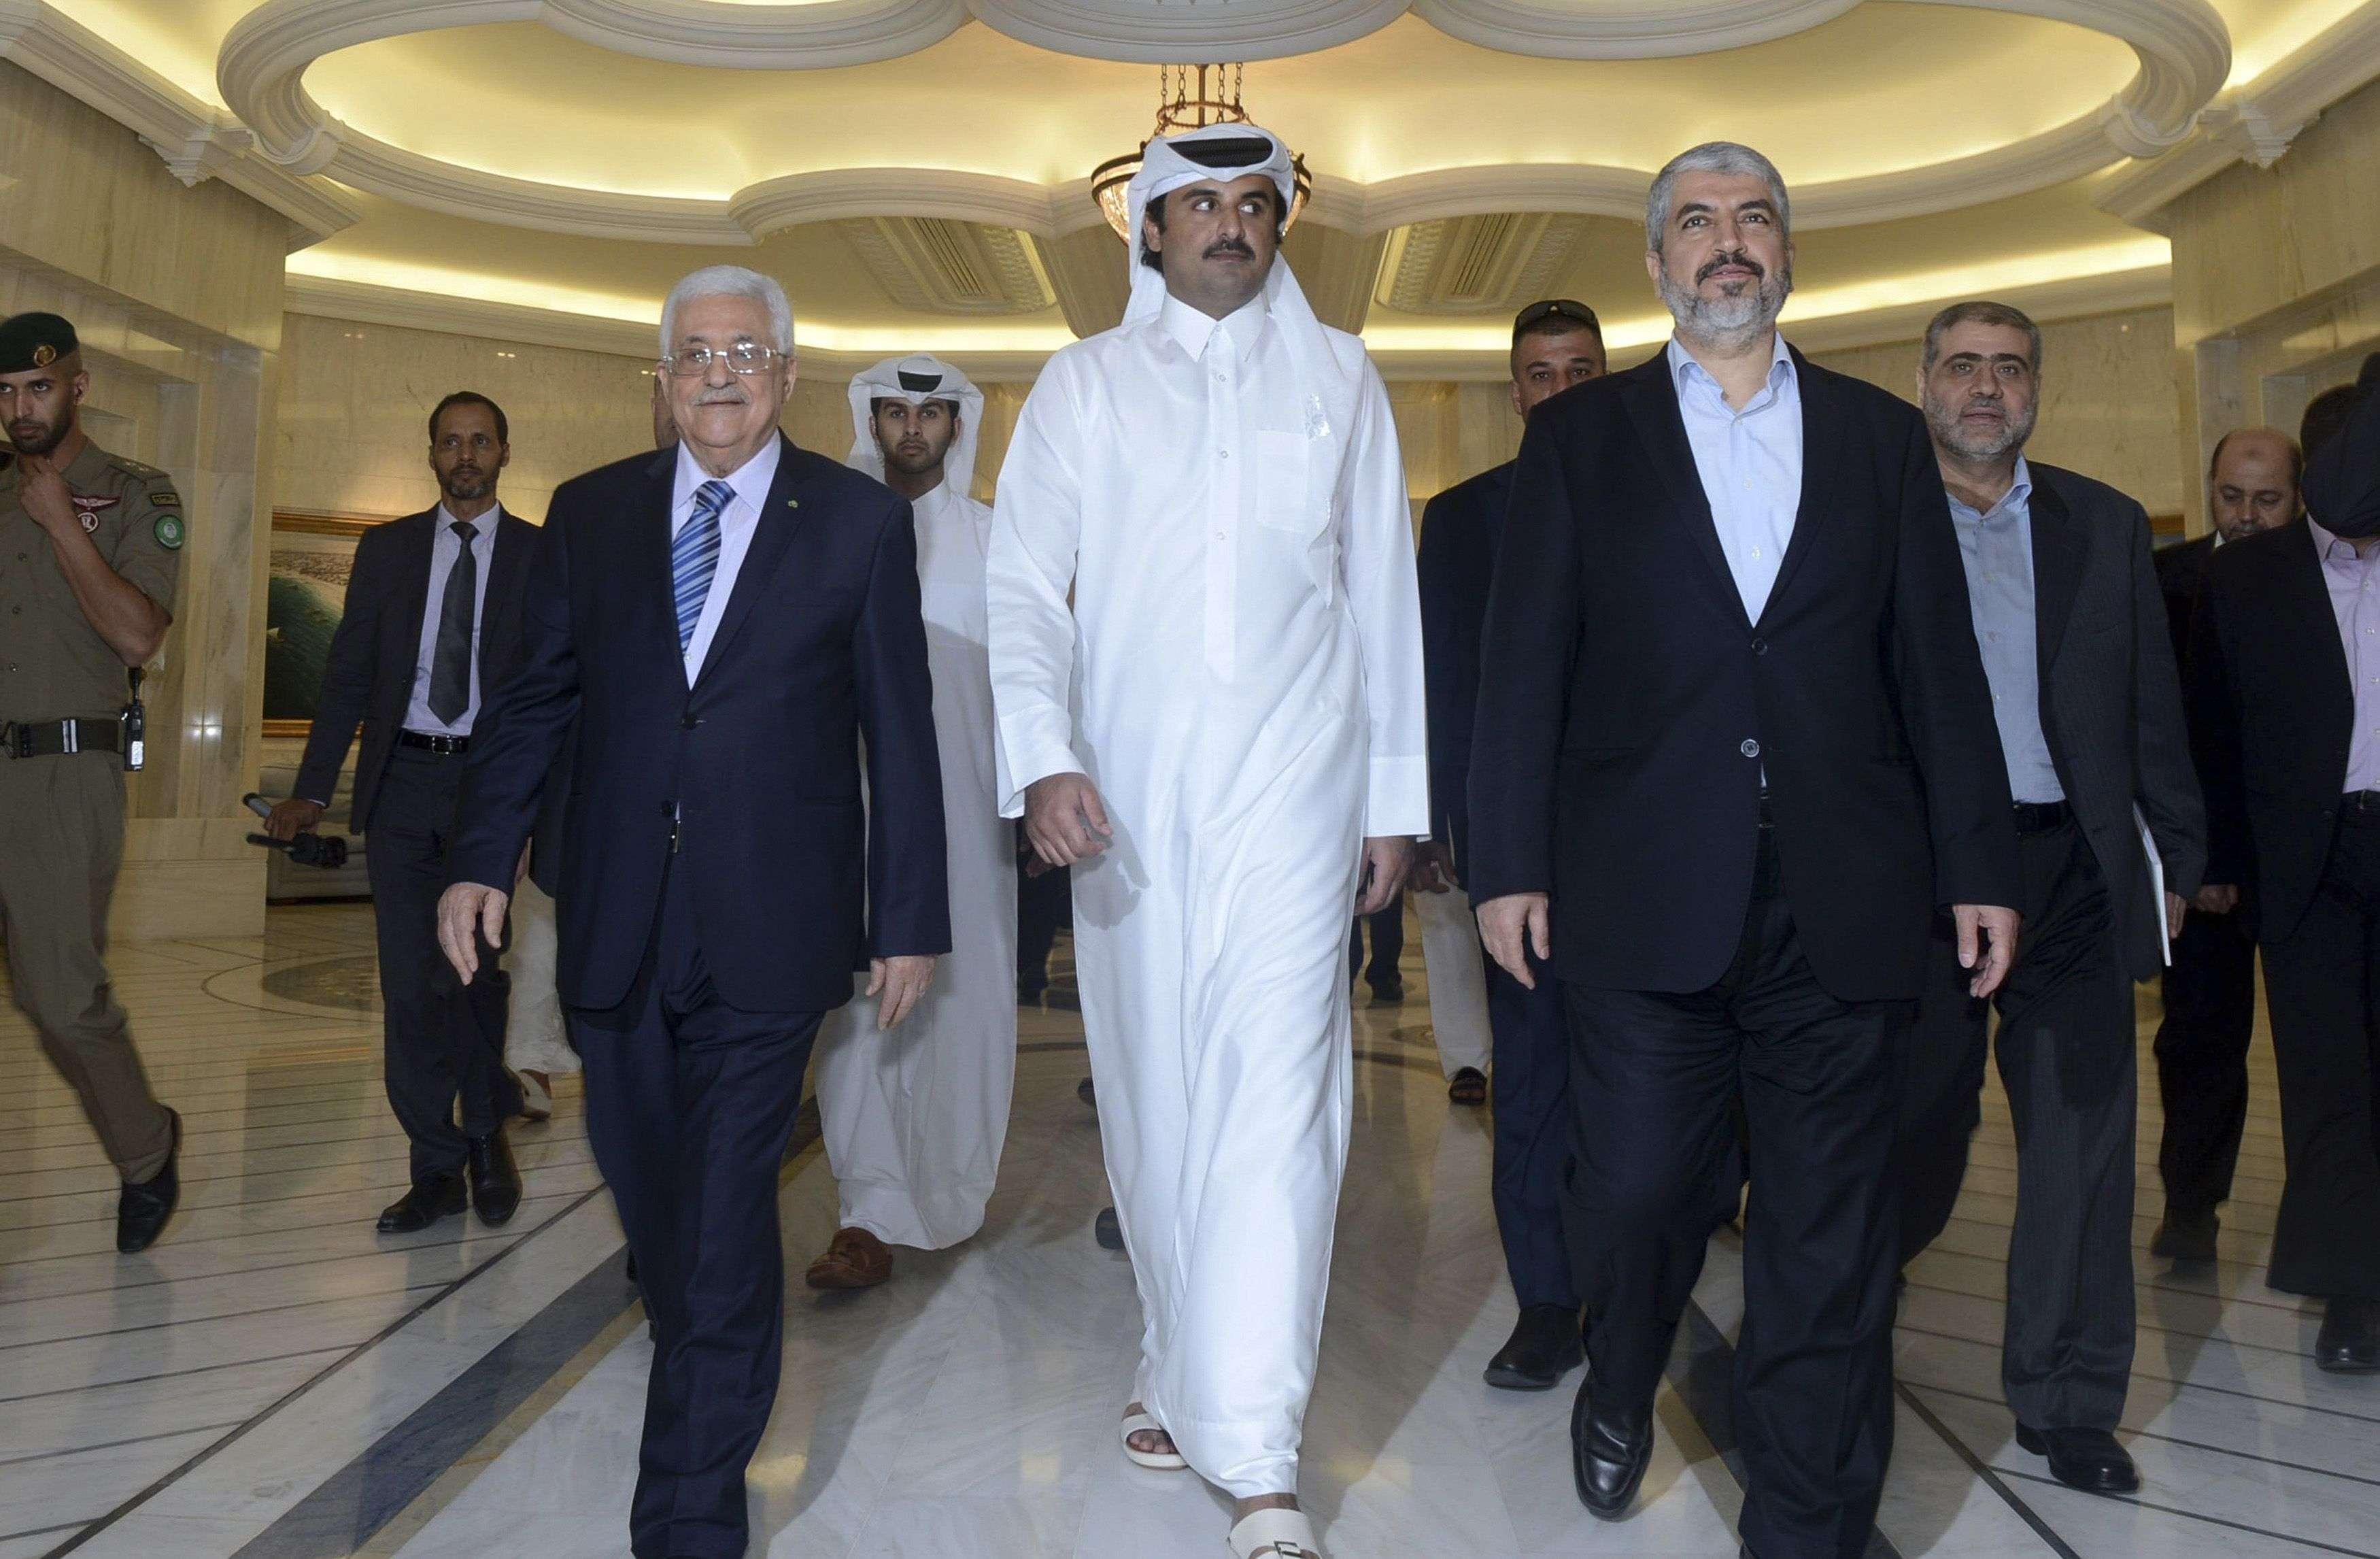 Thaer Ghanaim/ Palestinian President Office